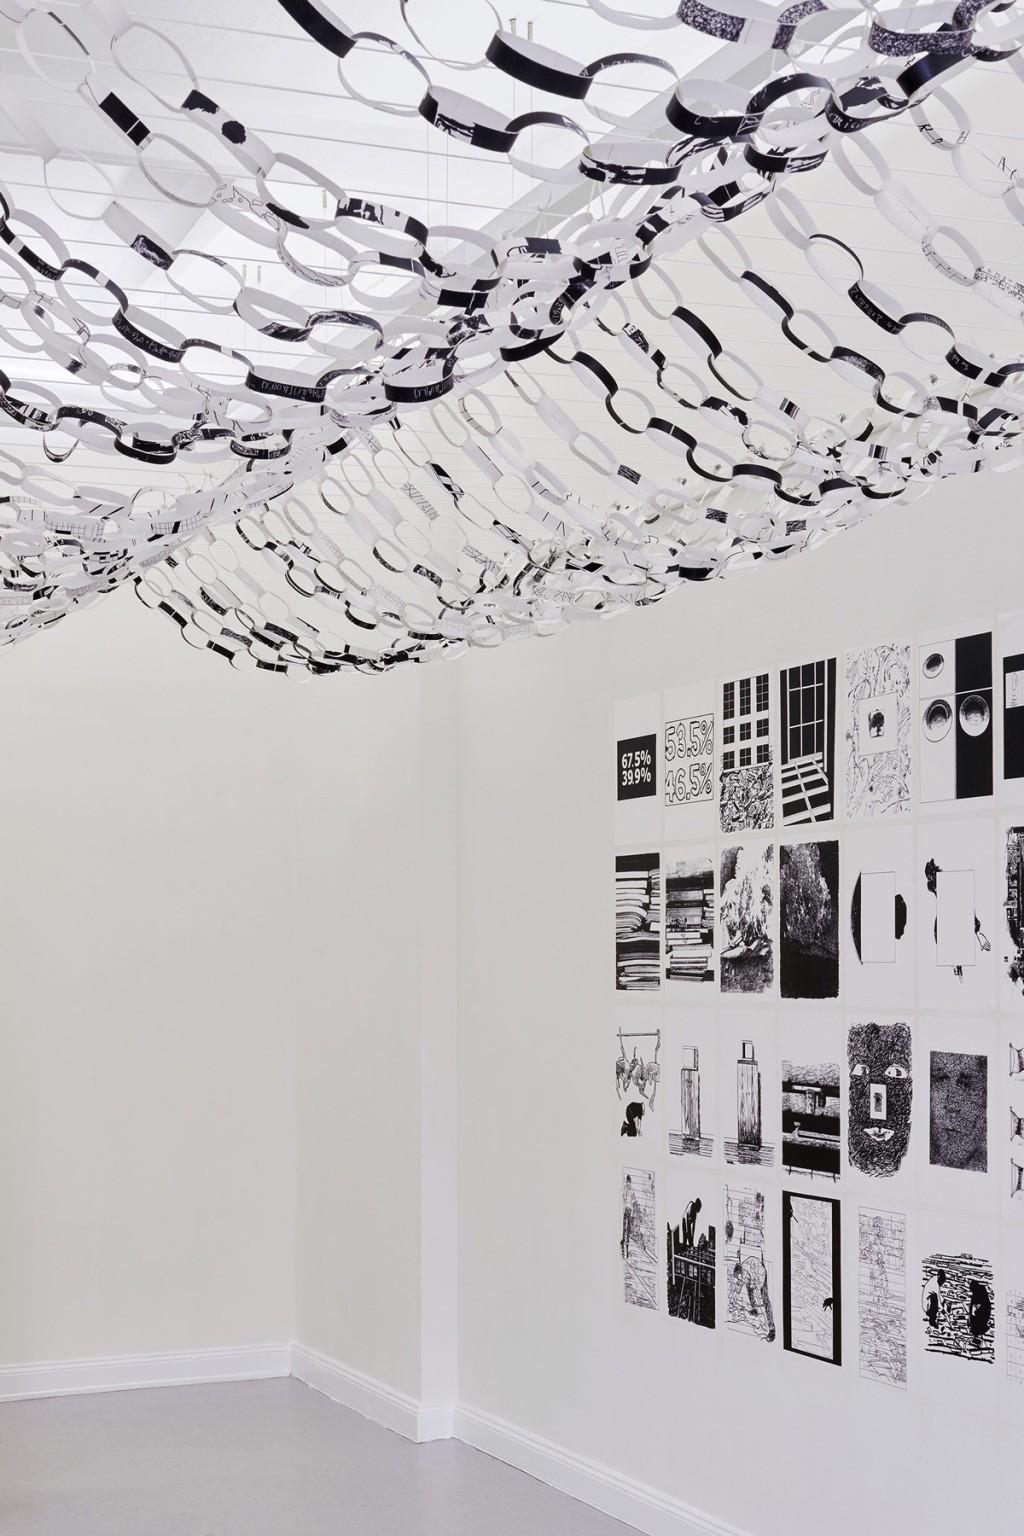 Interieurfotografie und Ausstellungsansichten aus Berlin Art & Language